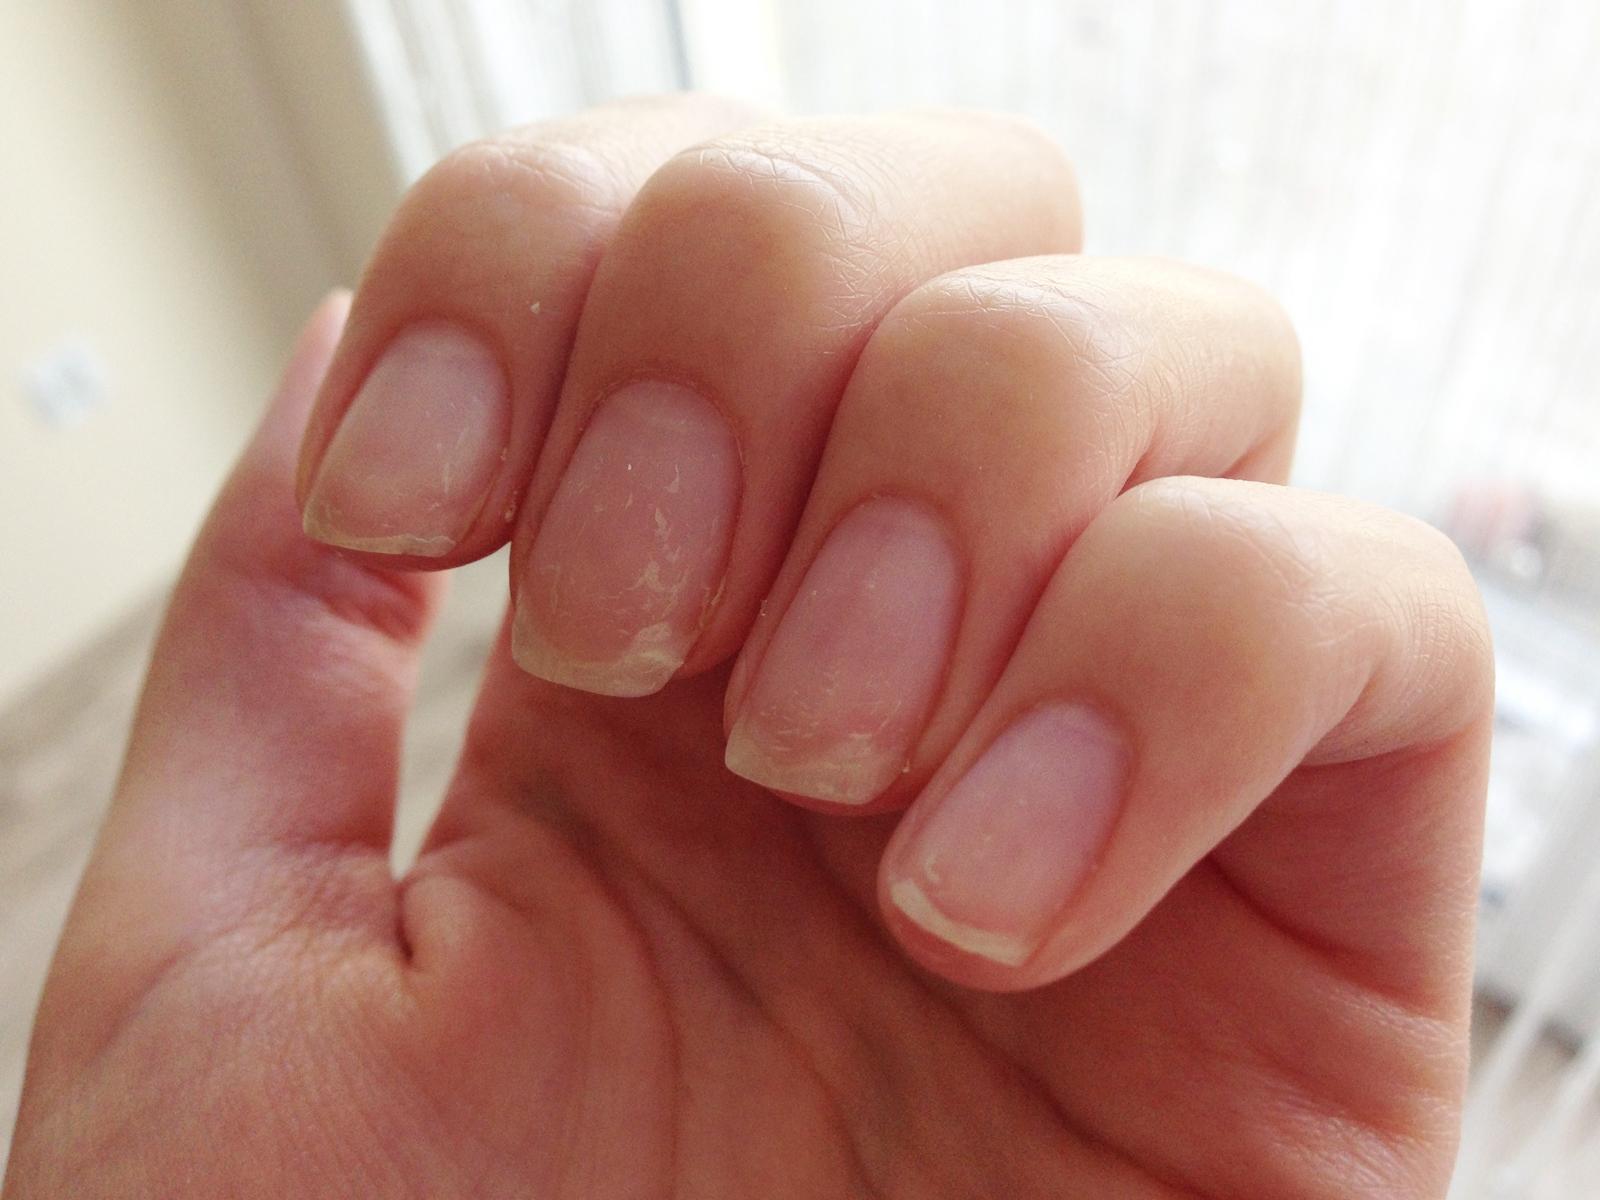 zniszczone paznokcie po hybrydach